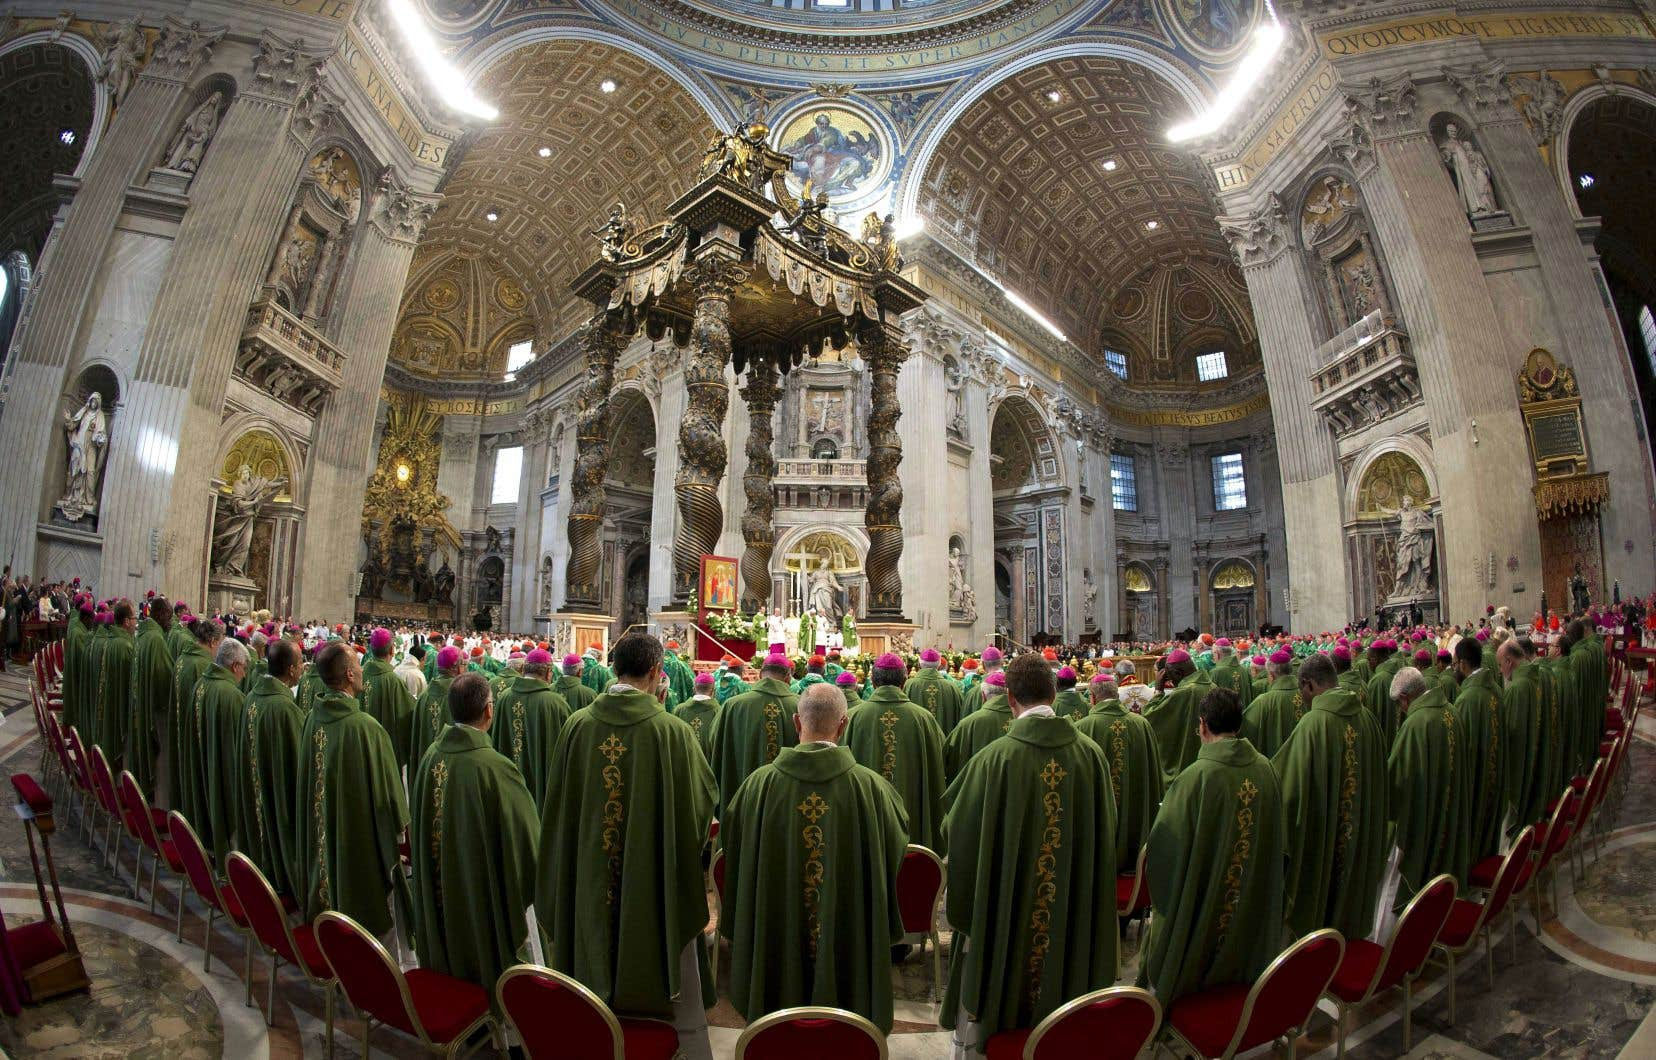 Le pape François célèbre une messe dans la basilique Saint-Pierre devant une assemblée d'évêques en octobre 2015.